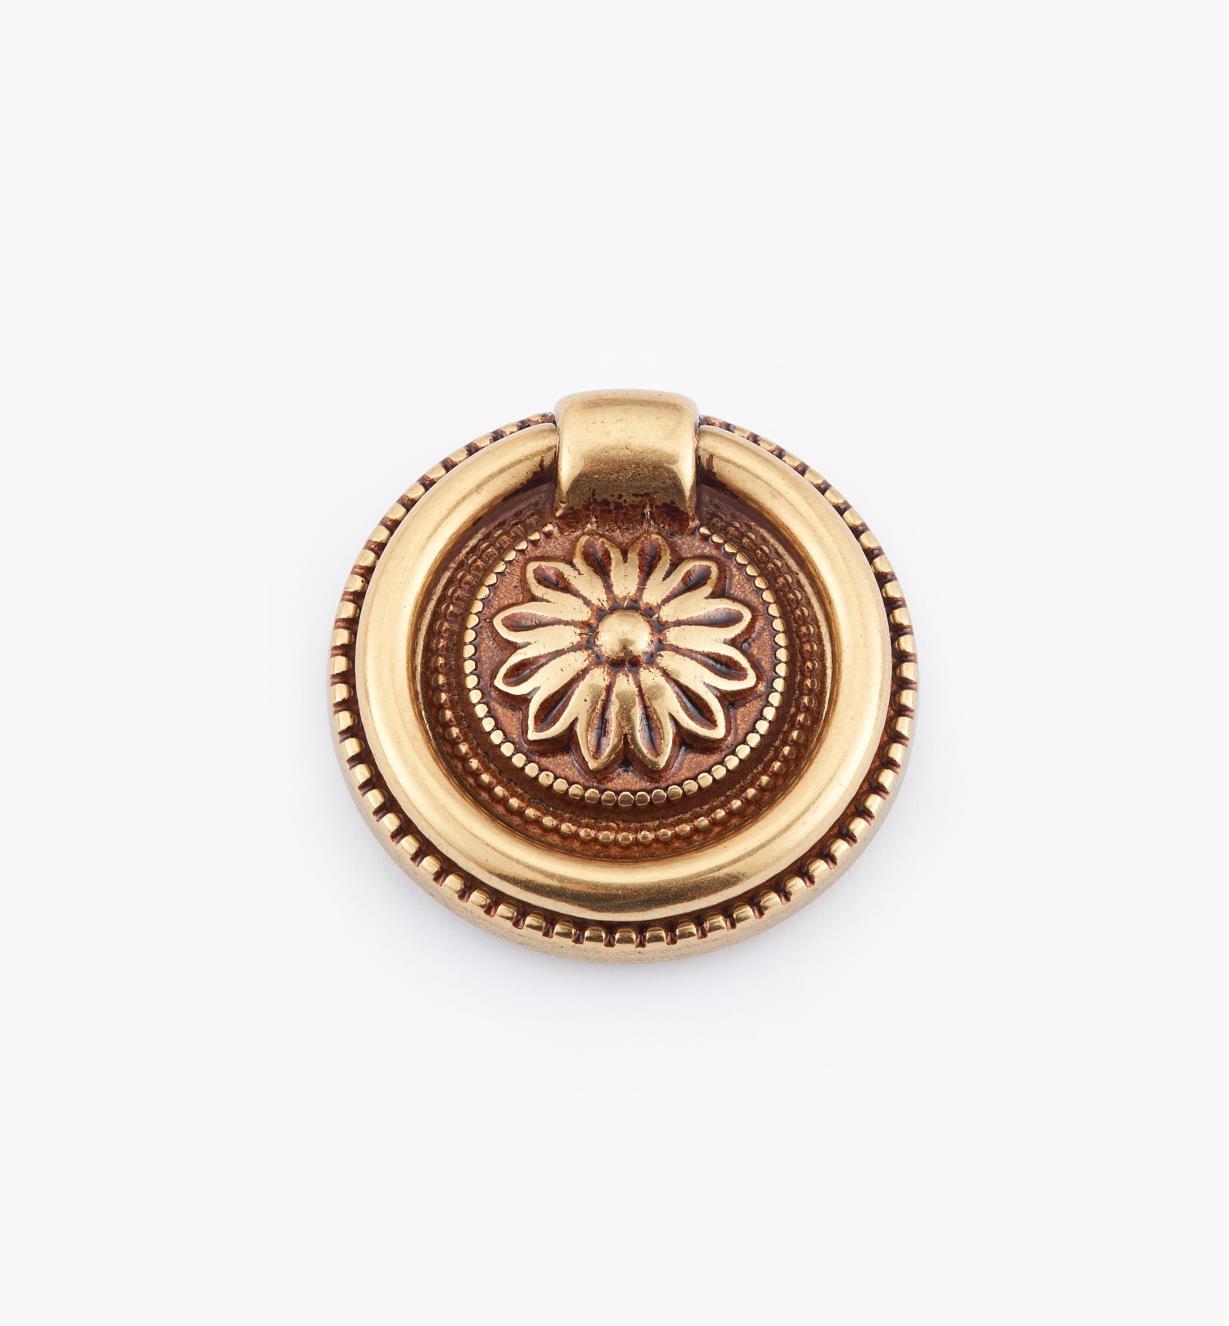 01A6461 - Poignée à anneau sur platine Louis XVI, bronze antique, 37mm